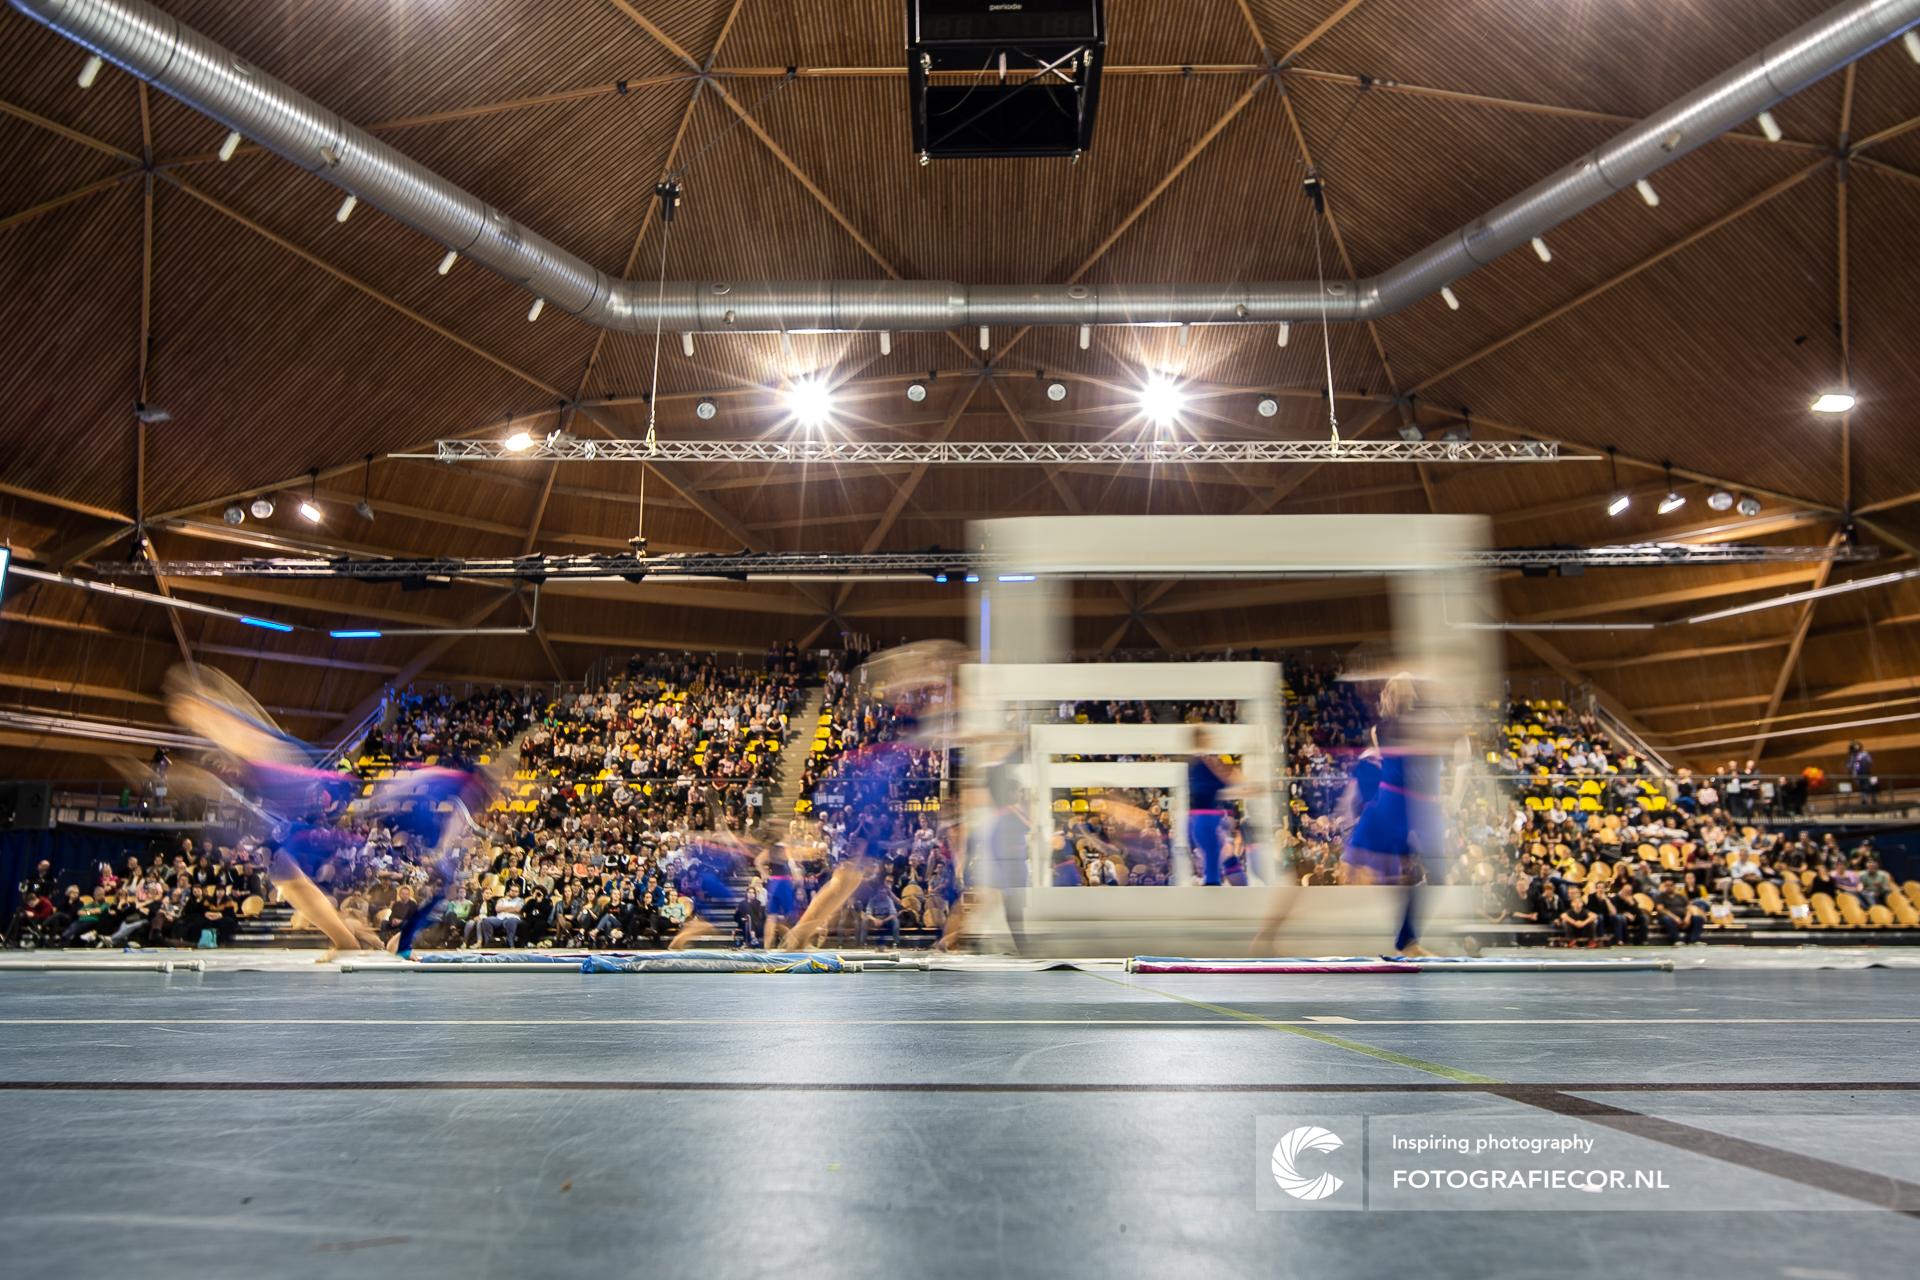 Events | beeldbank | fotografie